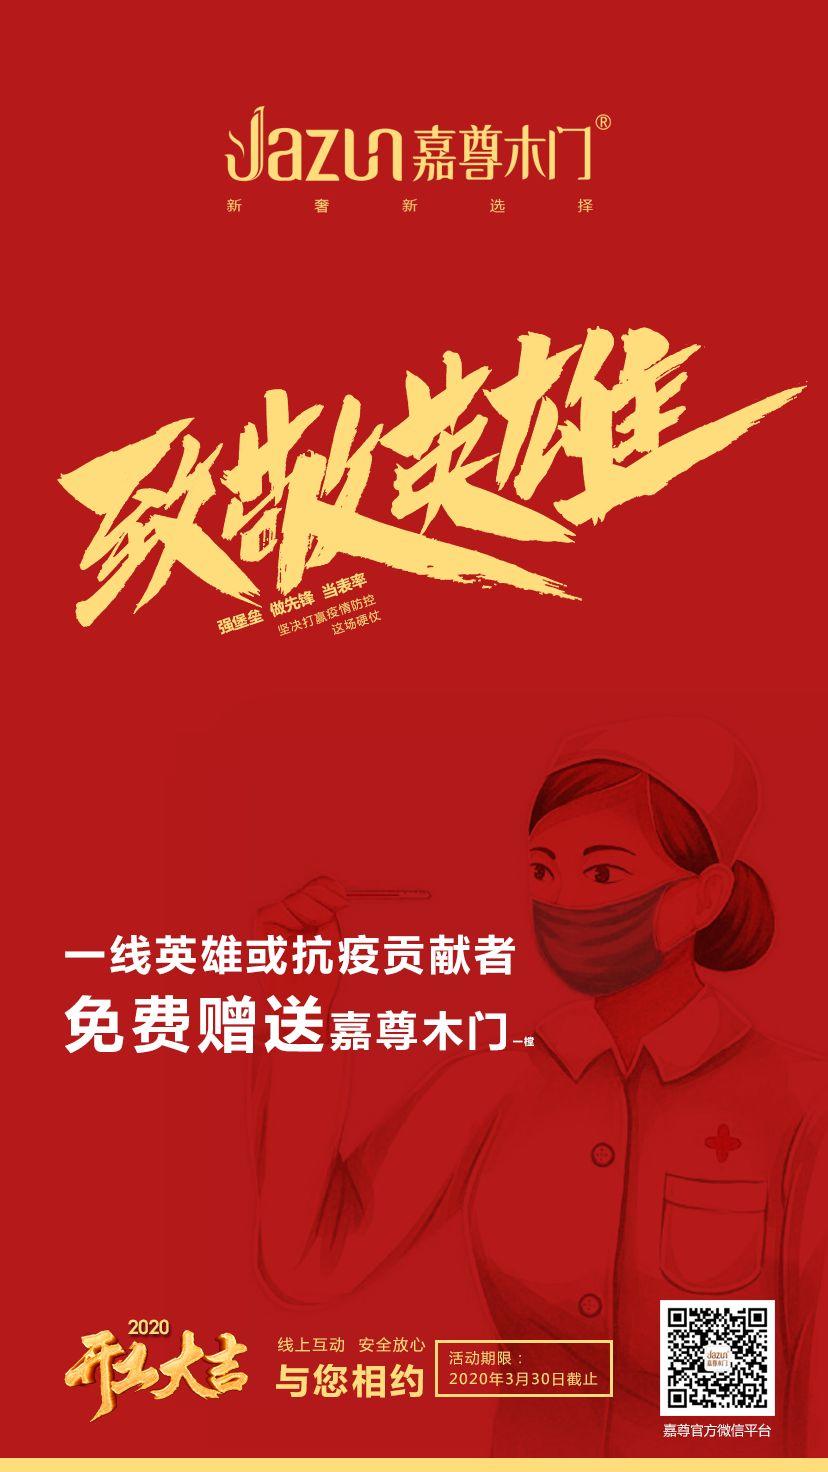 中国生态木门行业 首家帮扶经销商的门企已诞生